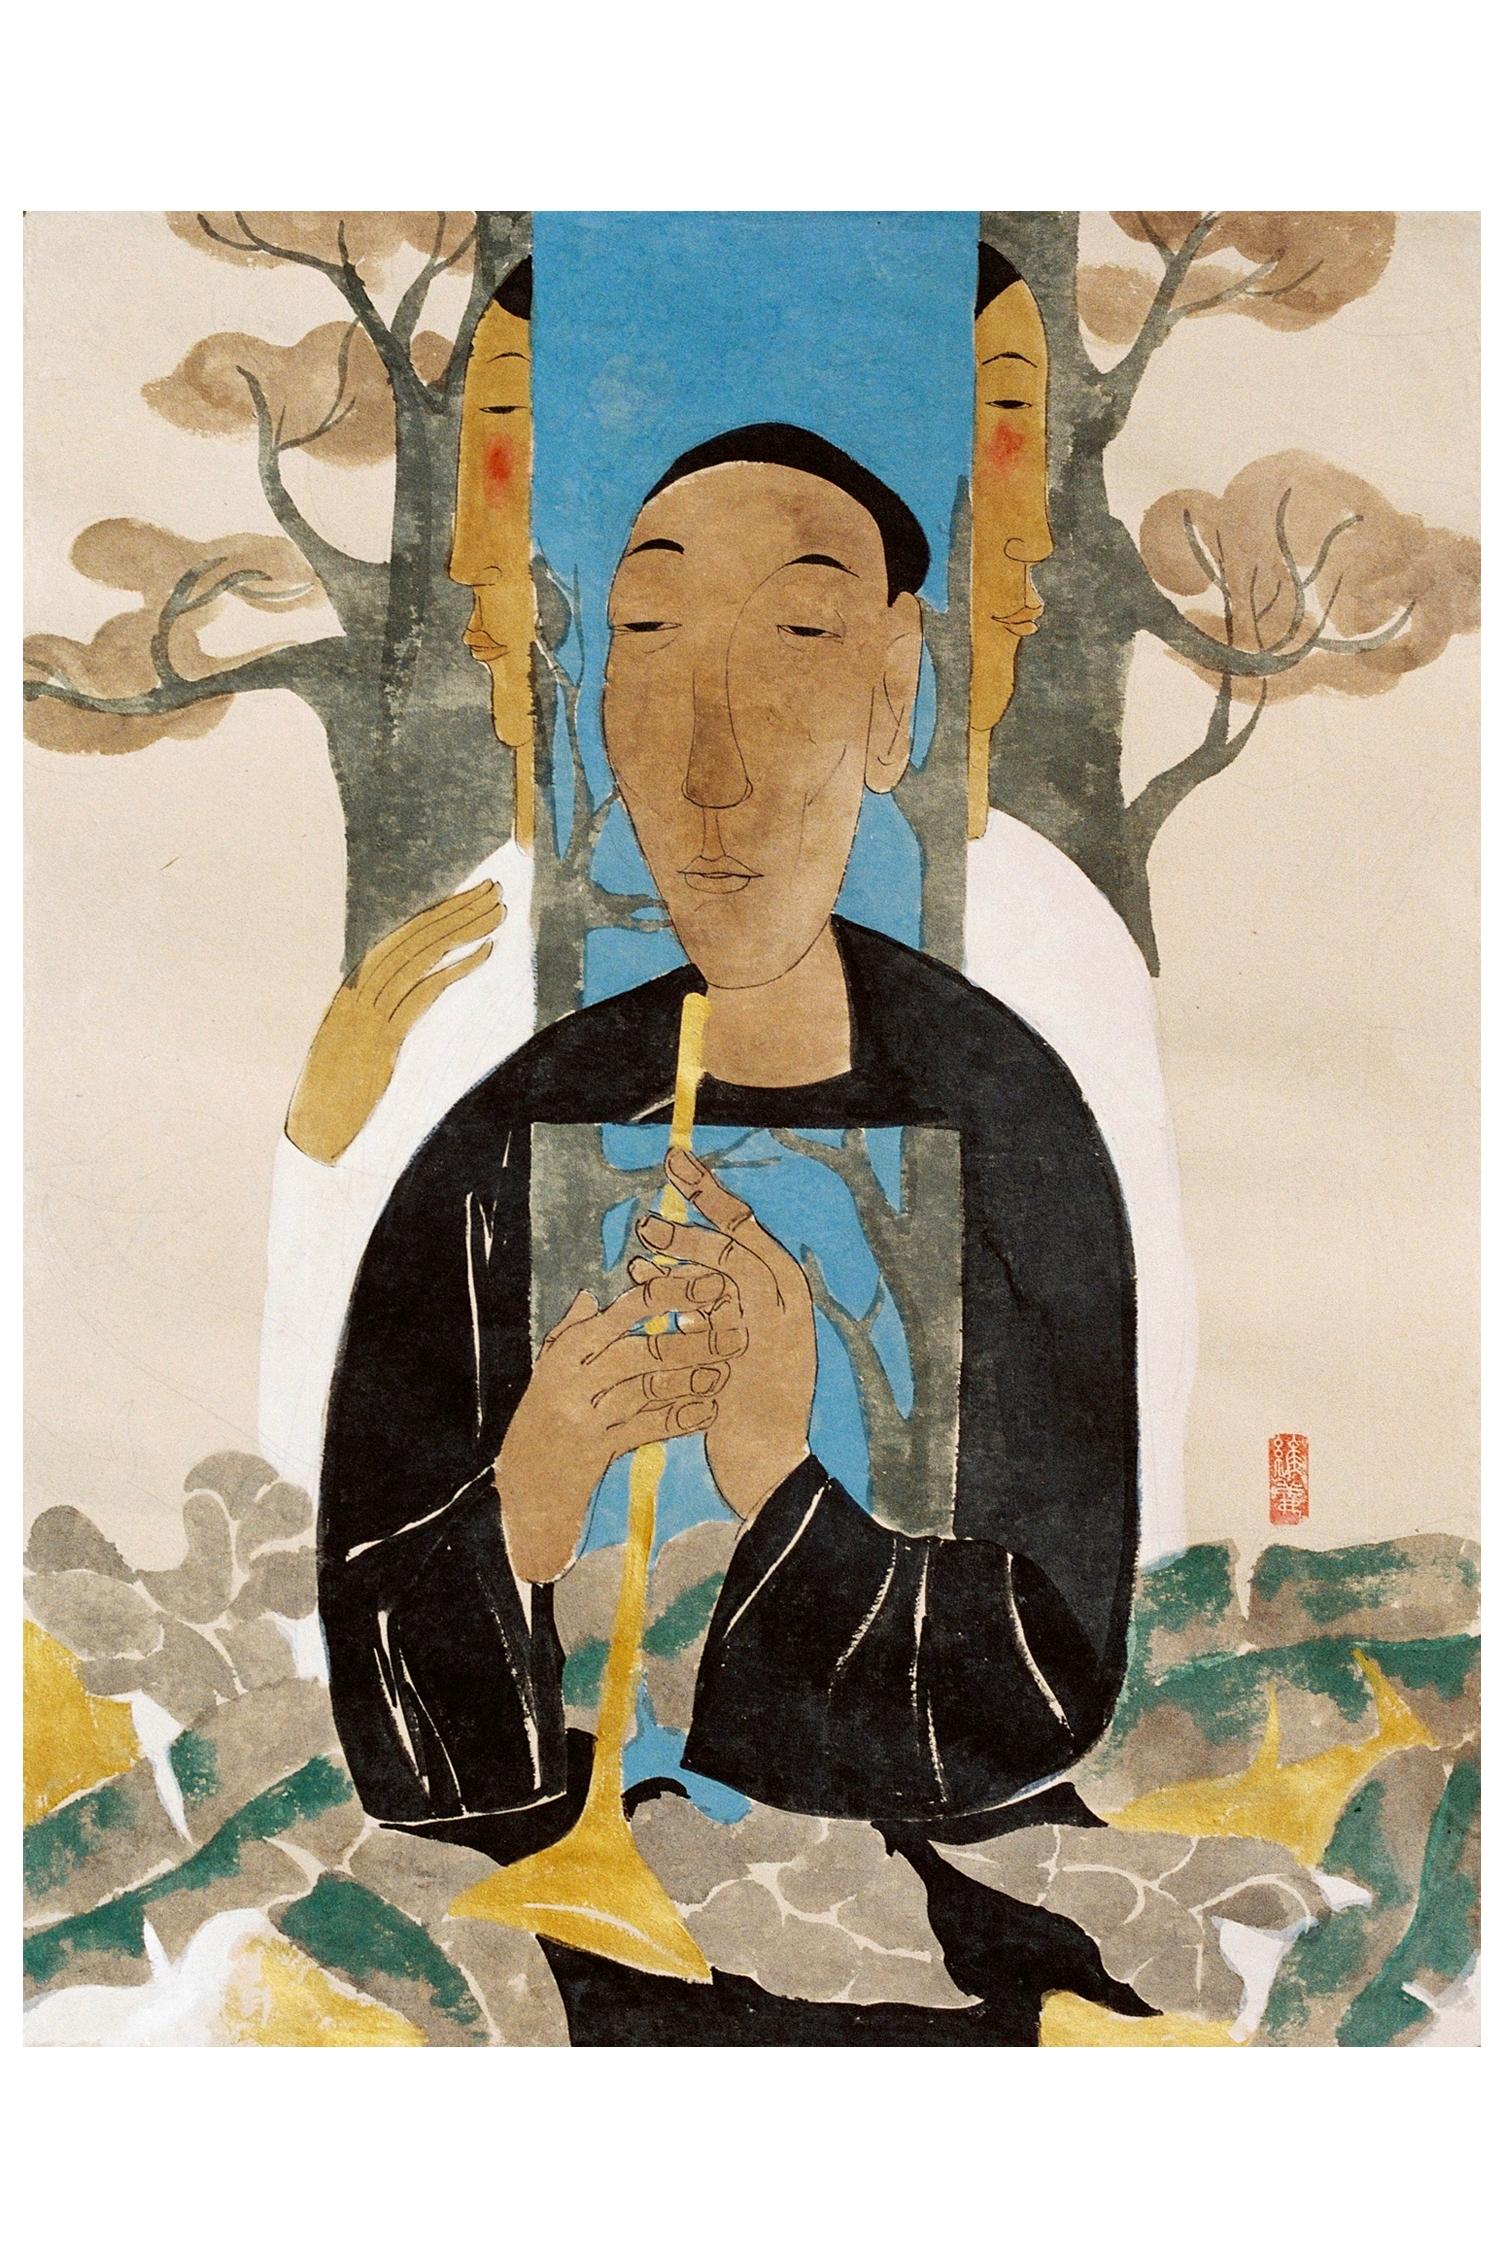 Timeless Melody by Vu Thu Hien, watercolour on handmade paper, 2007, 80 x 60 cm